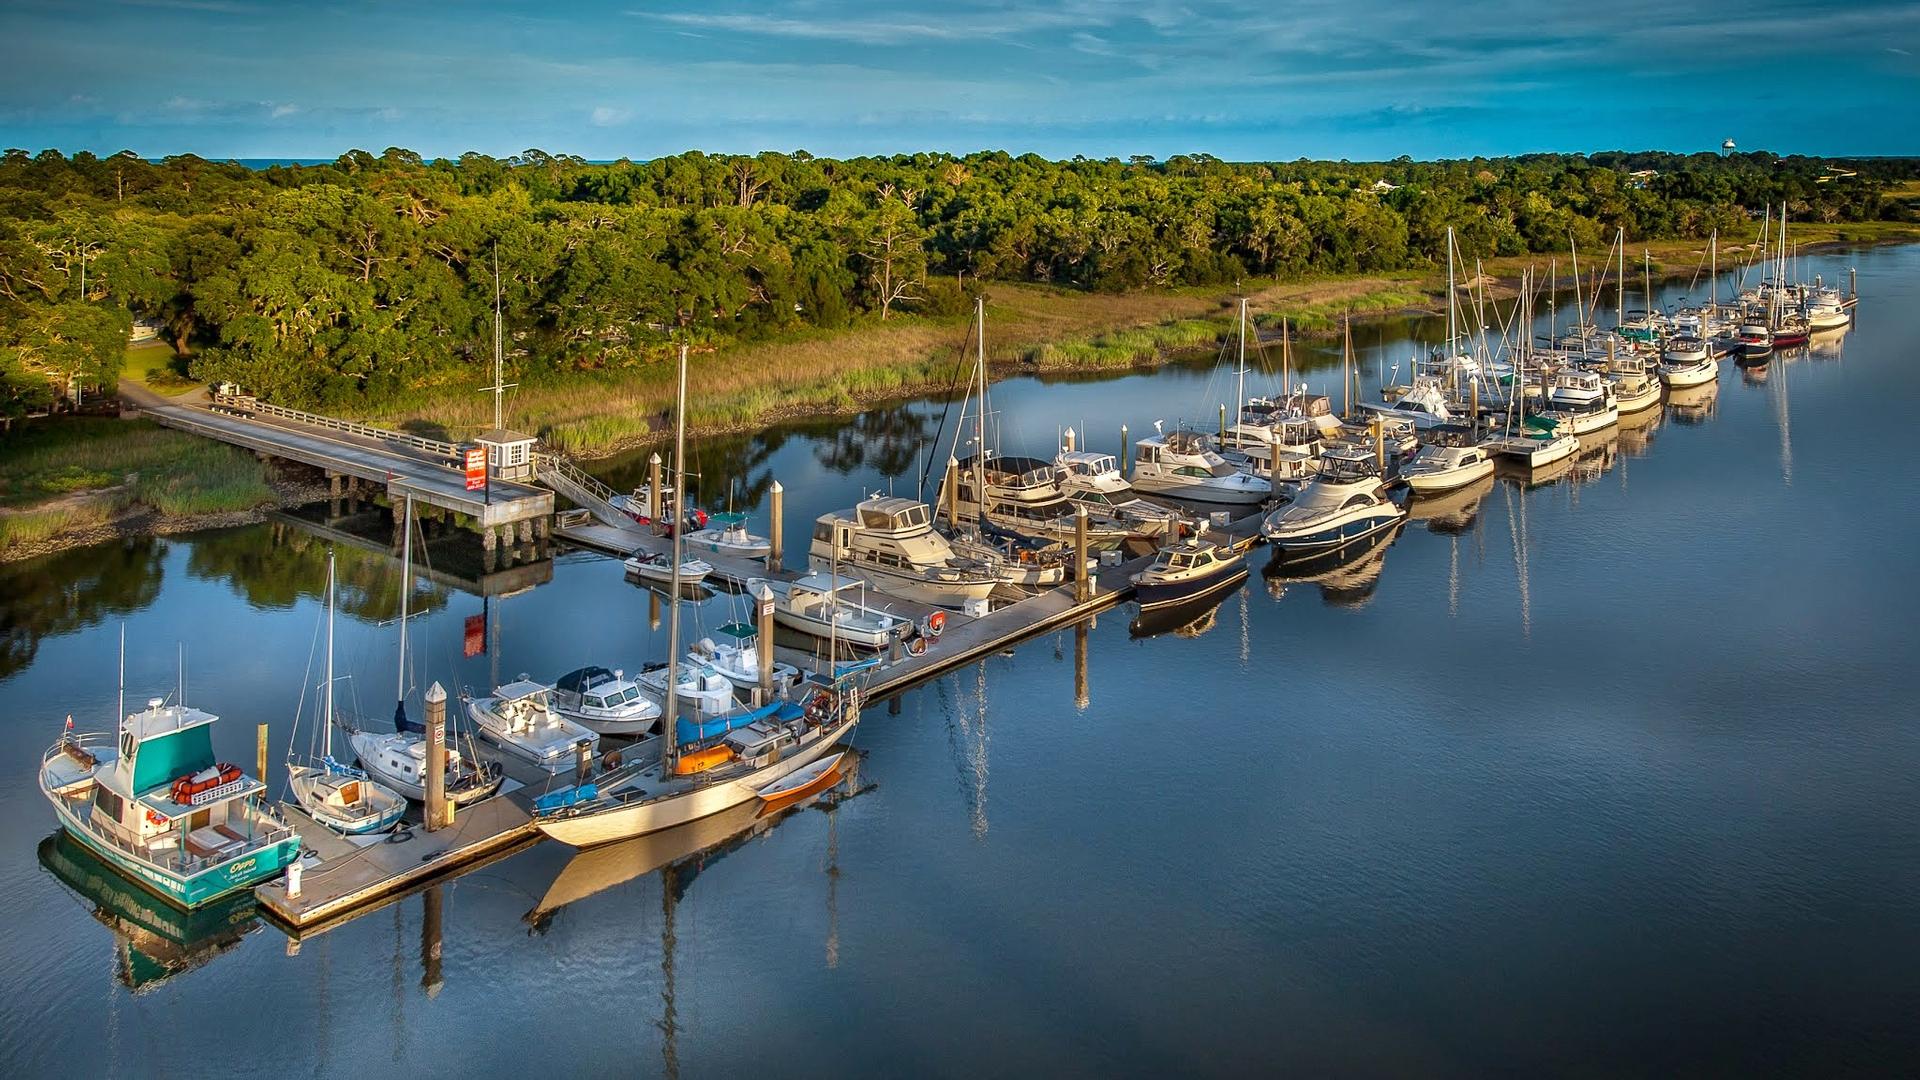 Image of the Jekyll Harbor Marina